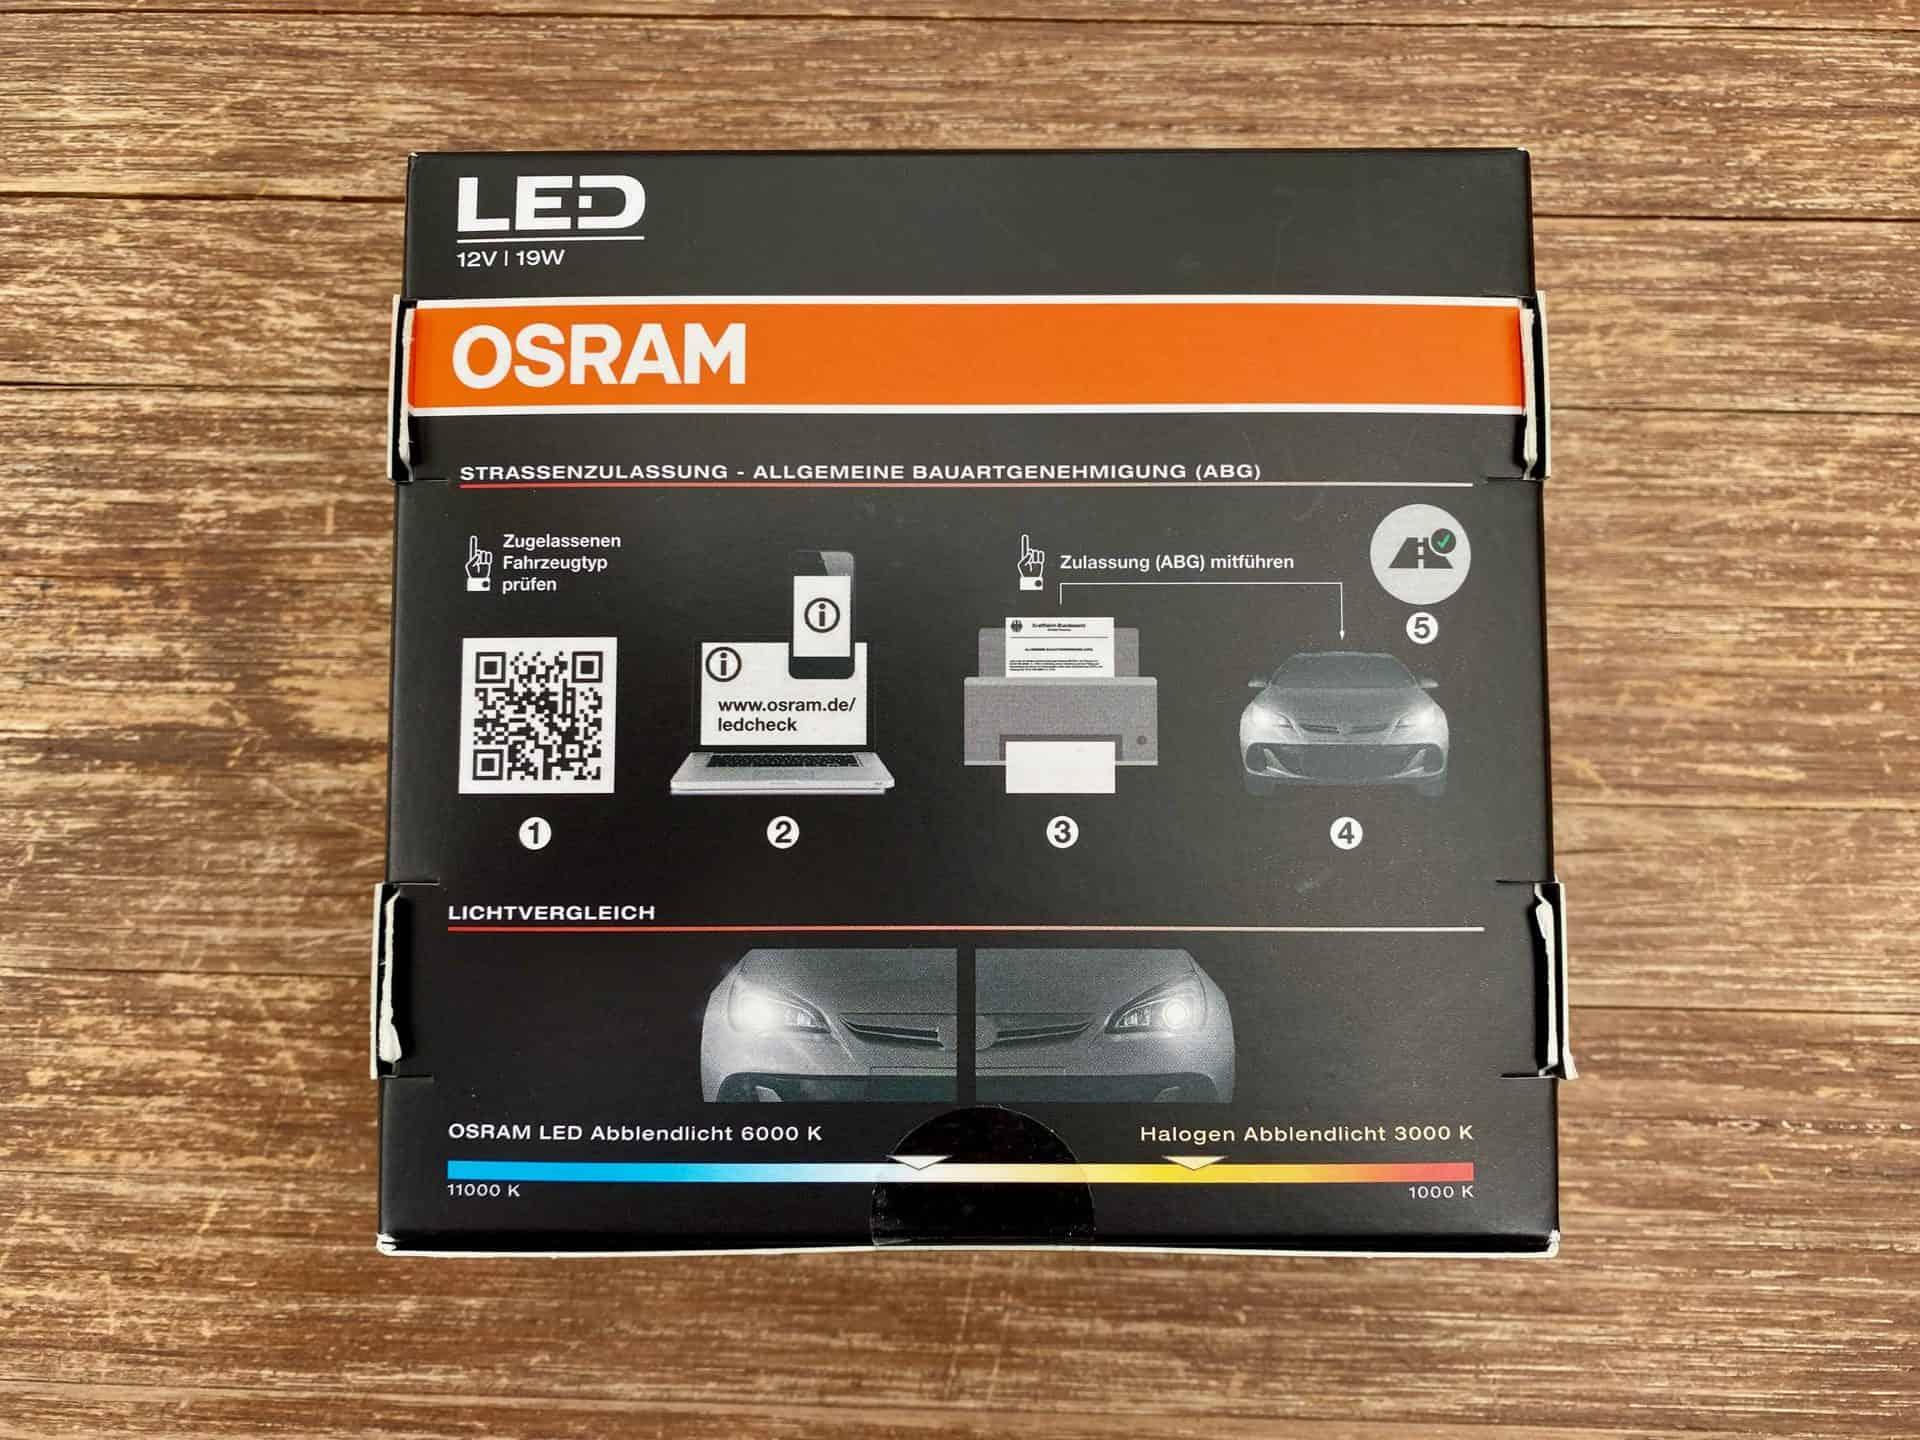 OSRAM-Nighbreaker-H7-LED-Rückseite